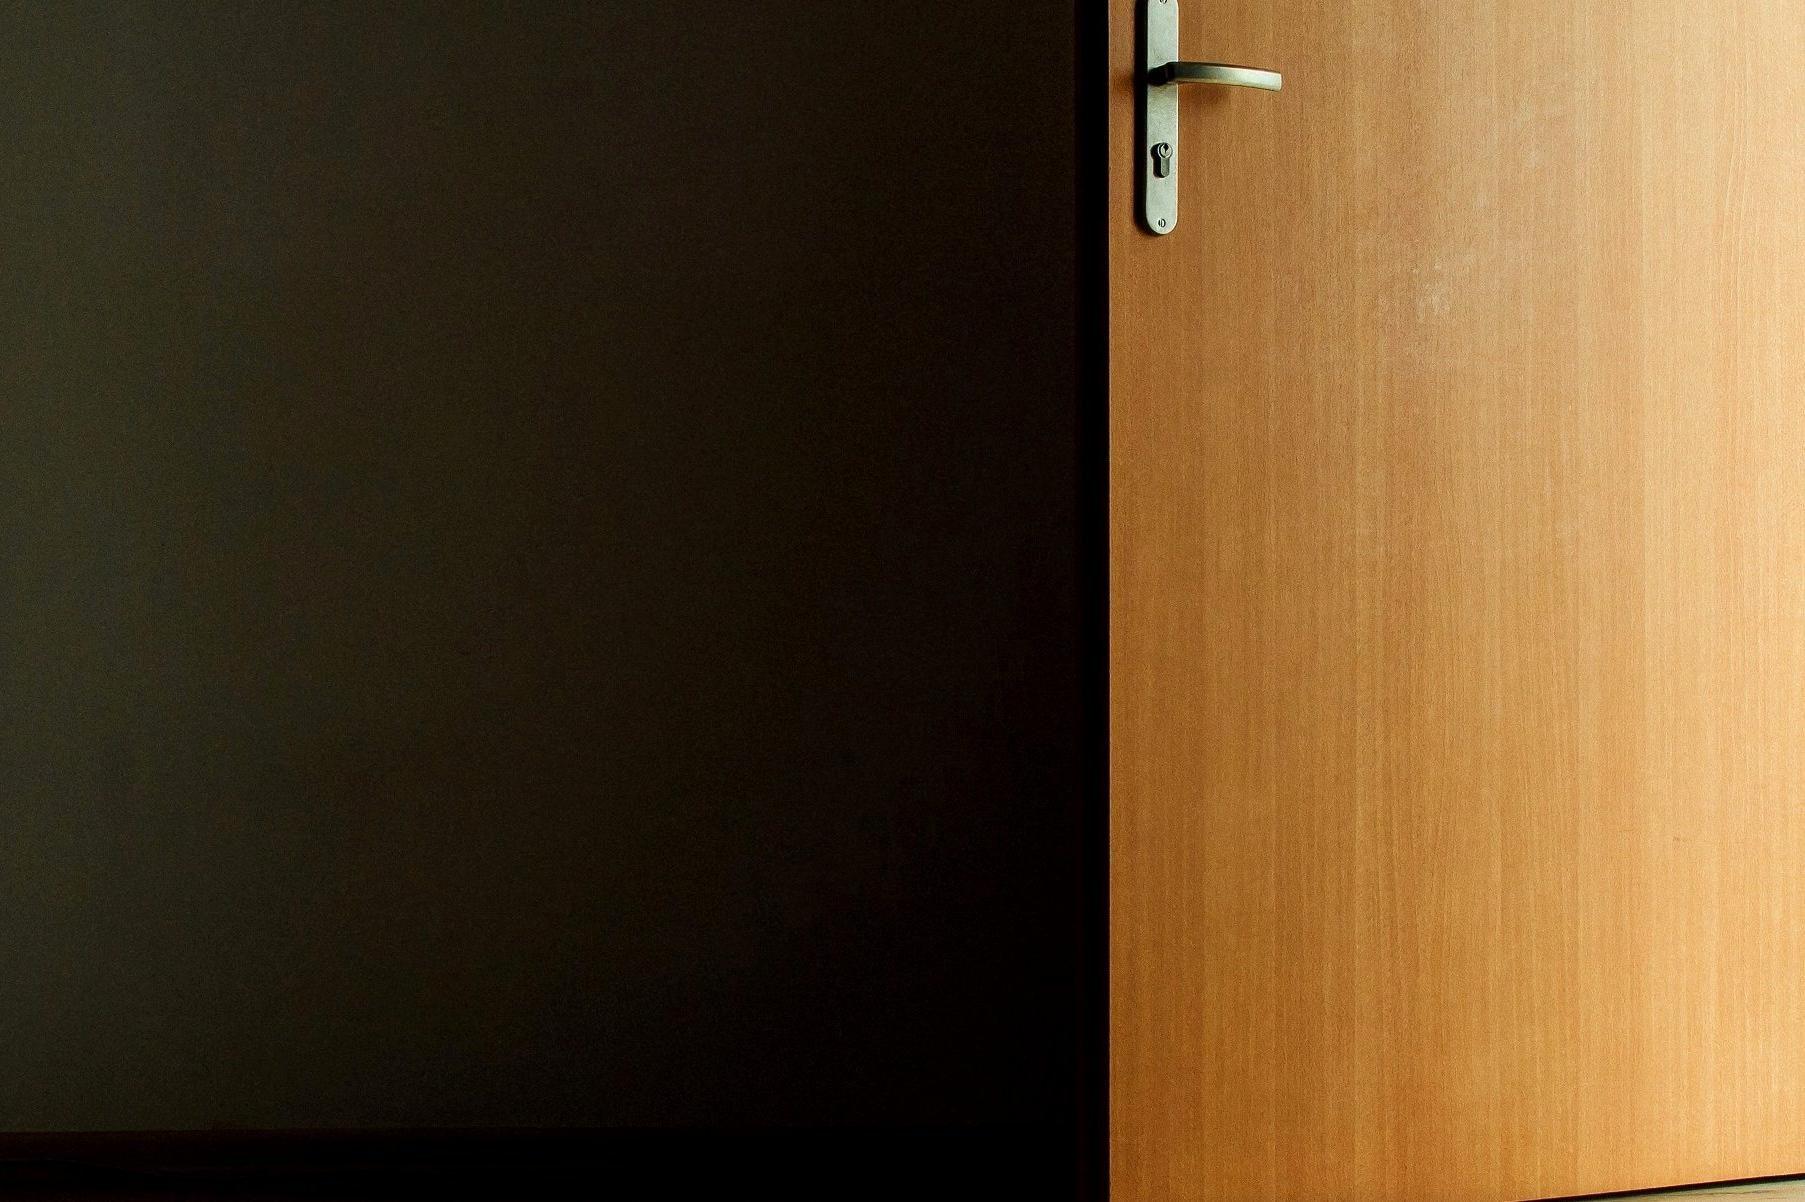 Open Door Dark Room free picture: dark, room, open, door